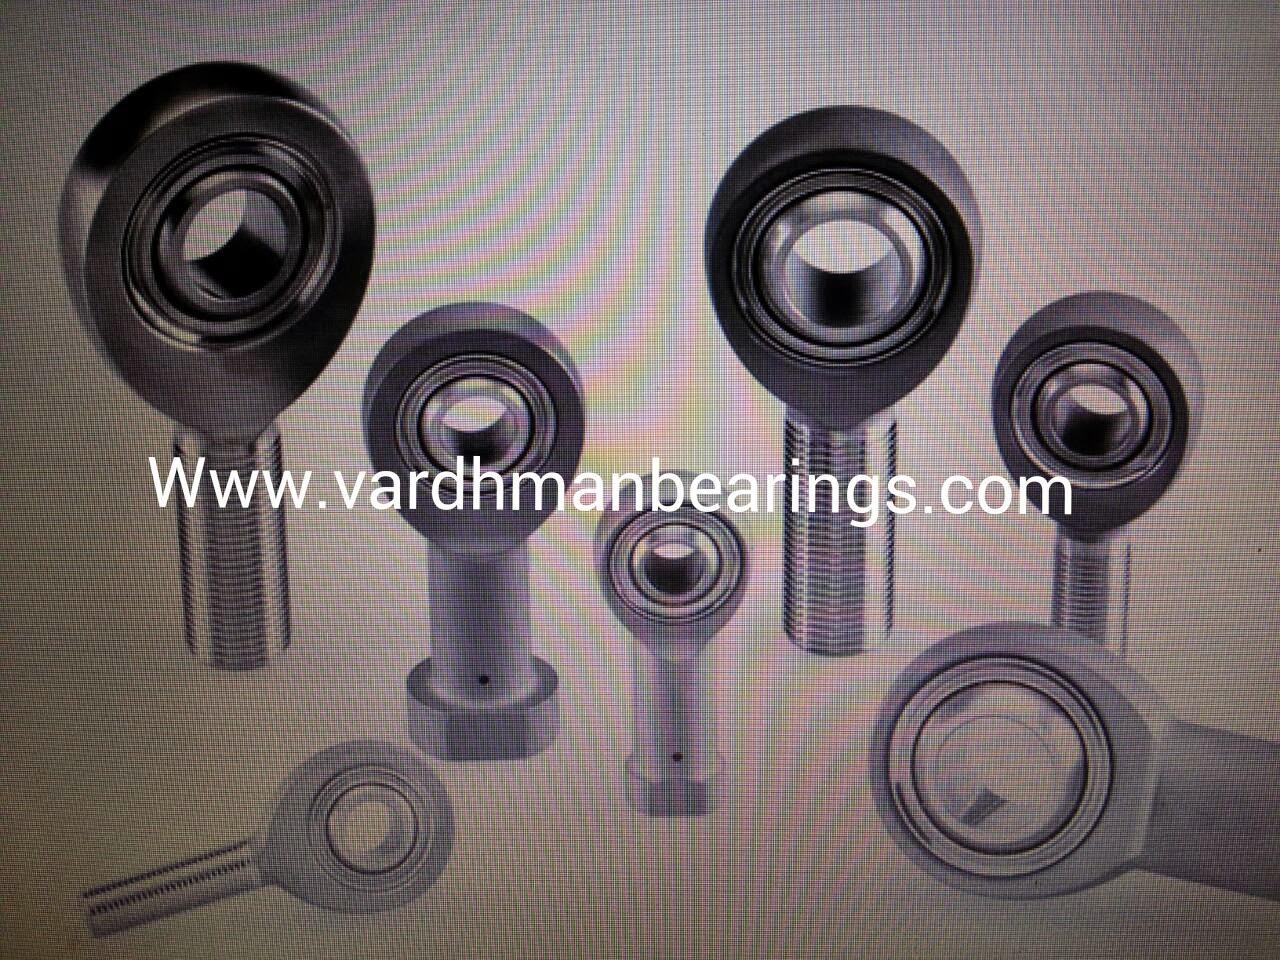 IKO BHA68ZOH Inch Shell Needle Roller Bearing FACTORY NEW! Heavy Duty